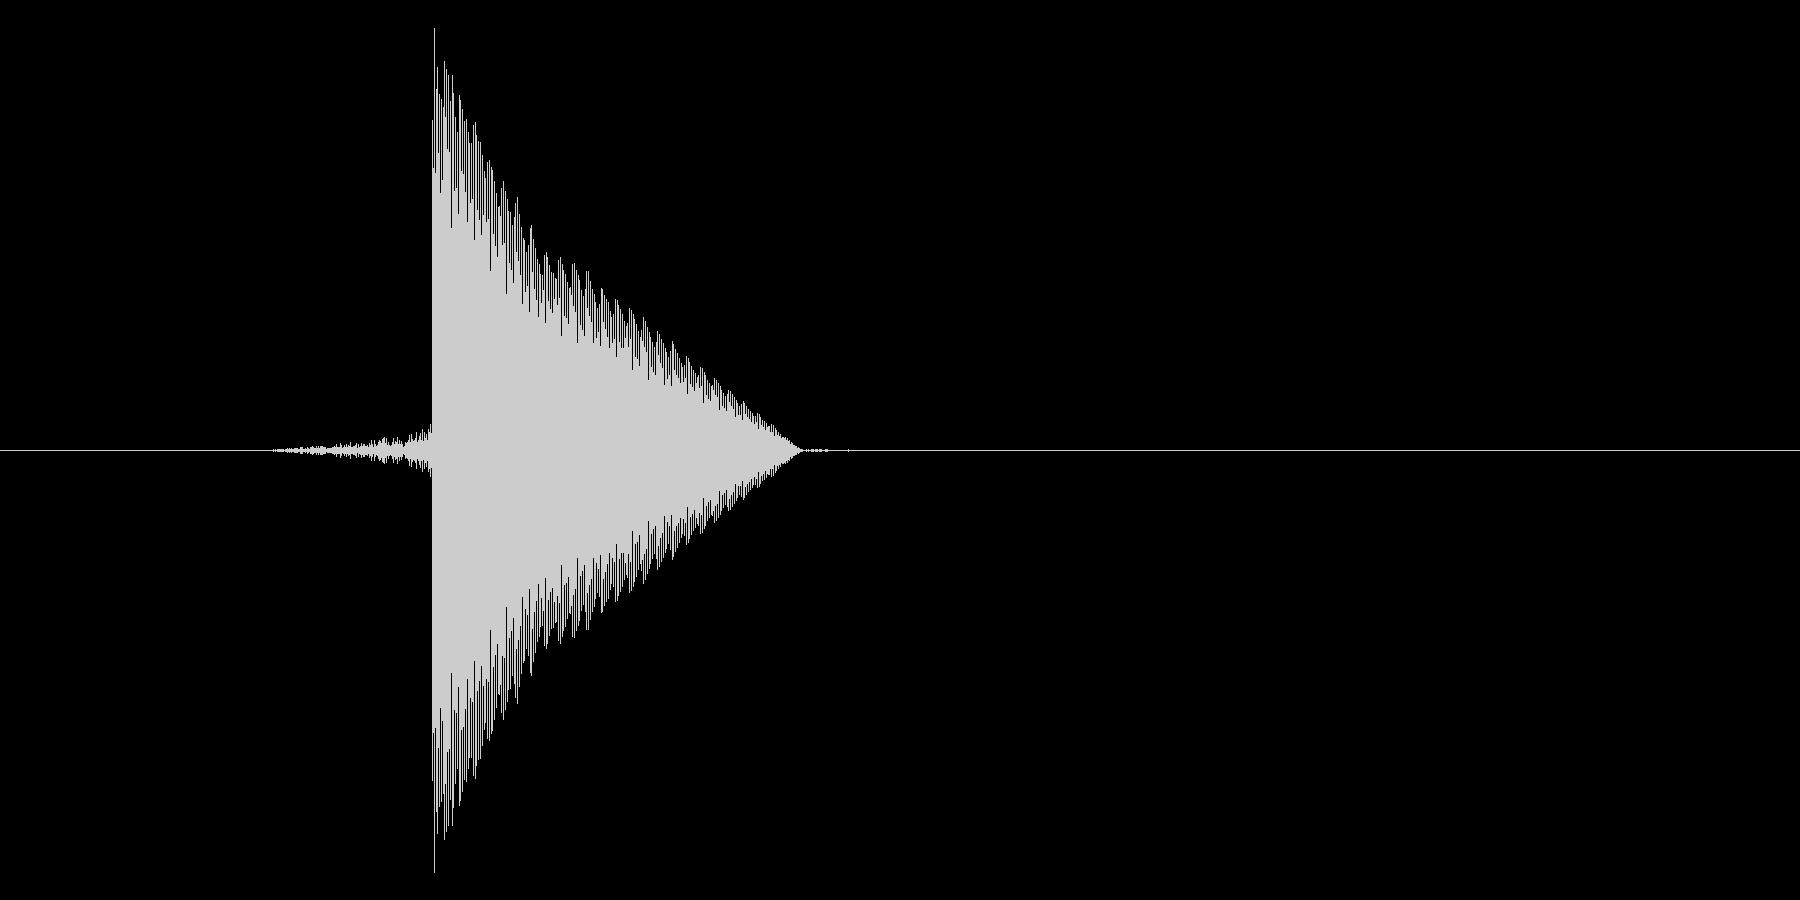 ゲーム(ファミコン風)ピックアップ音_…の未再生の波形